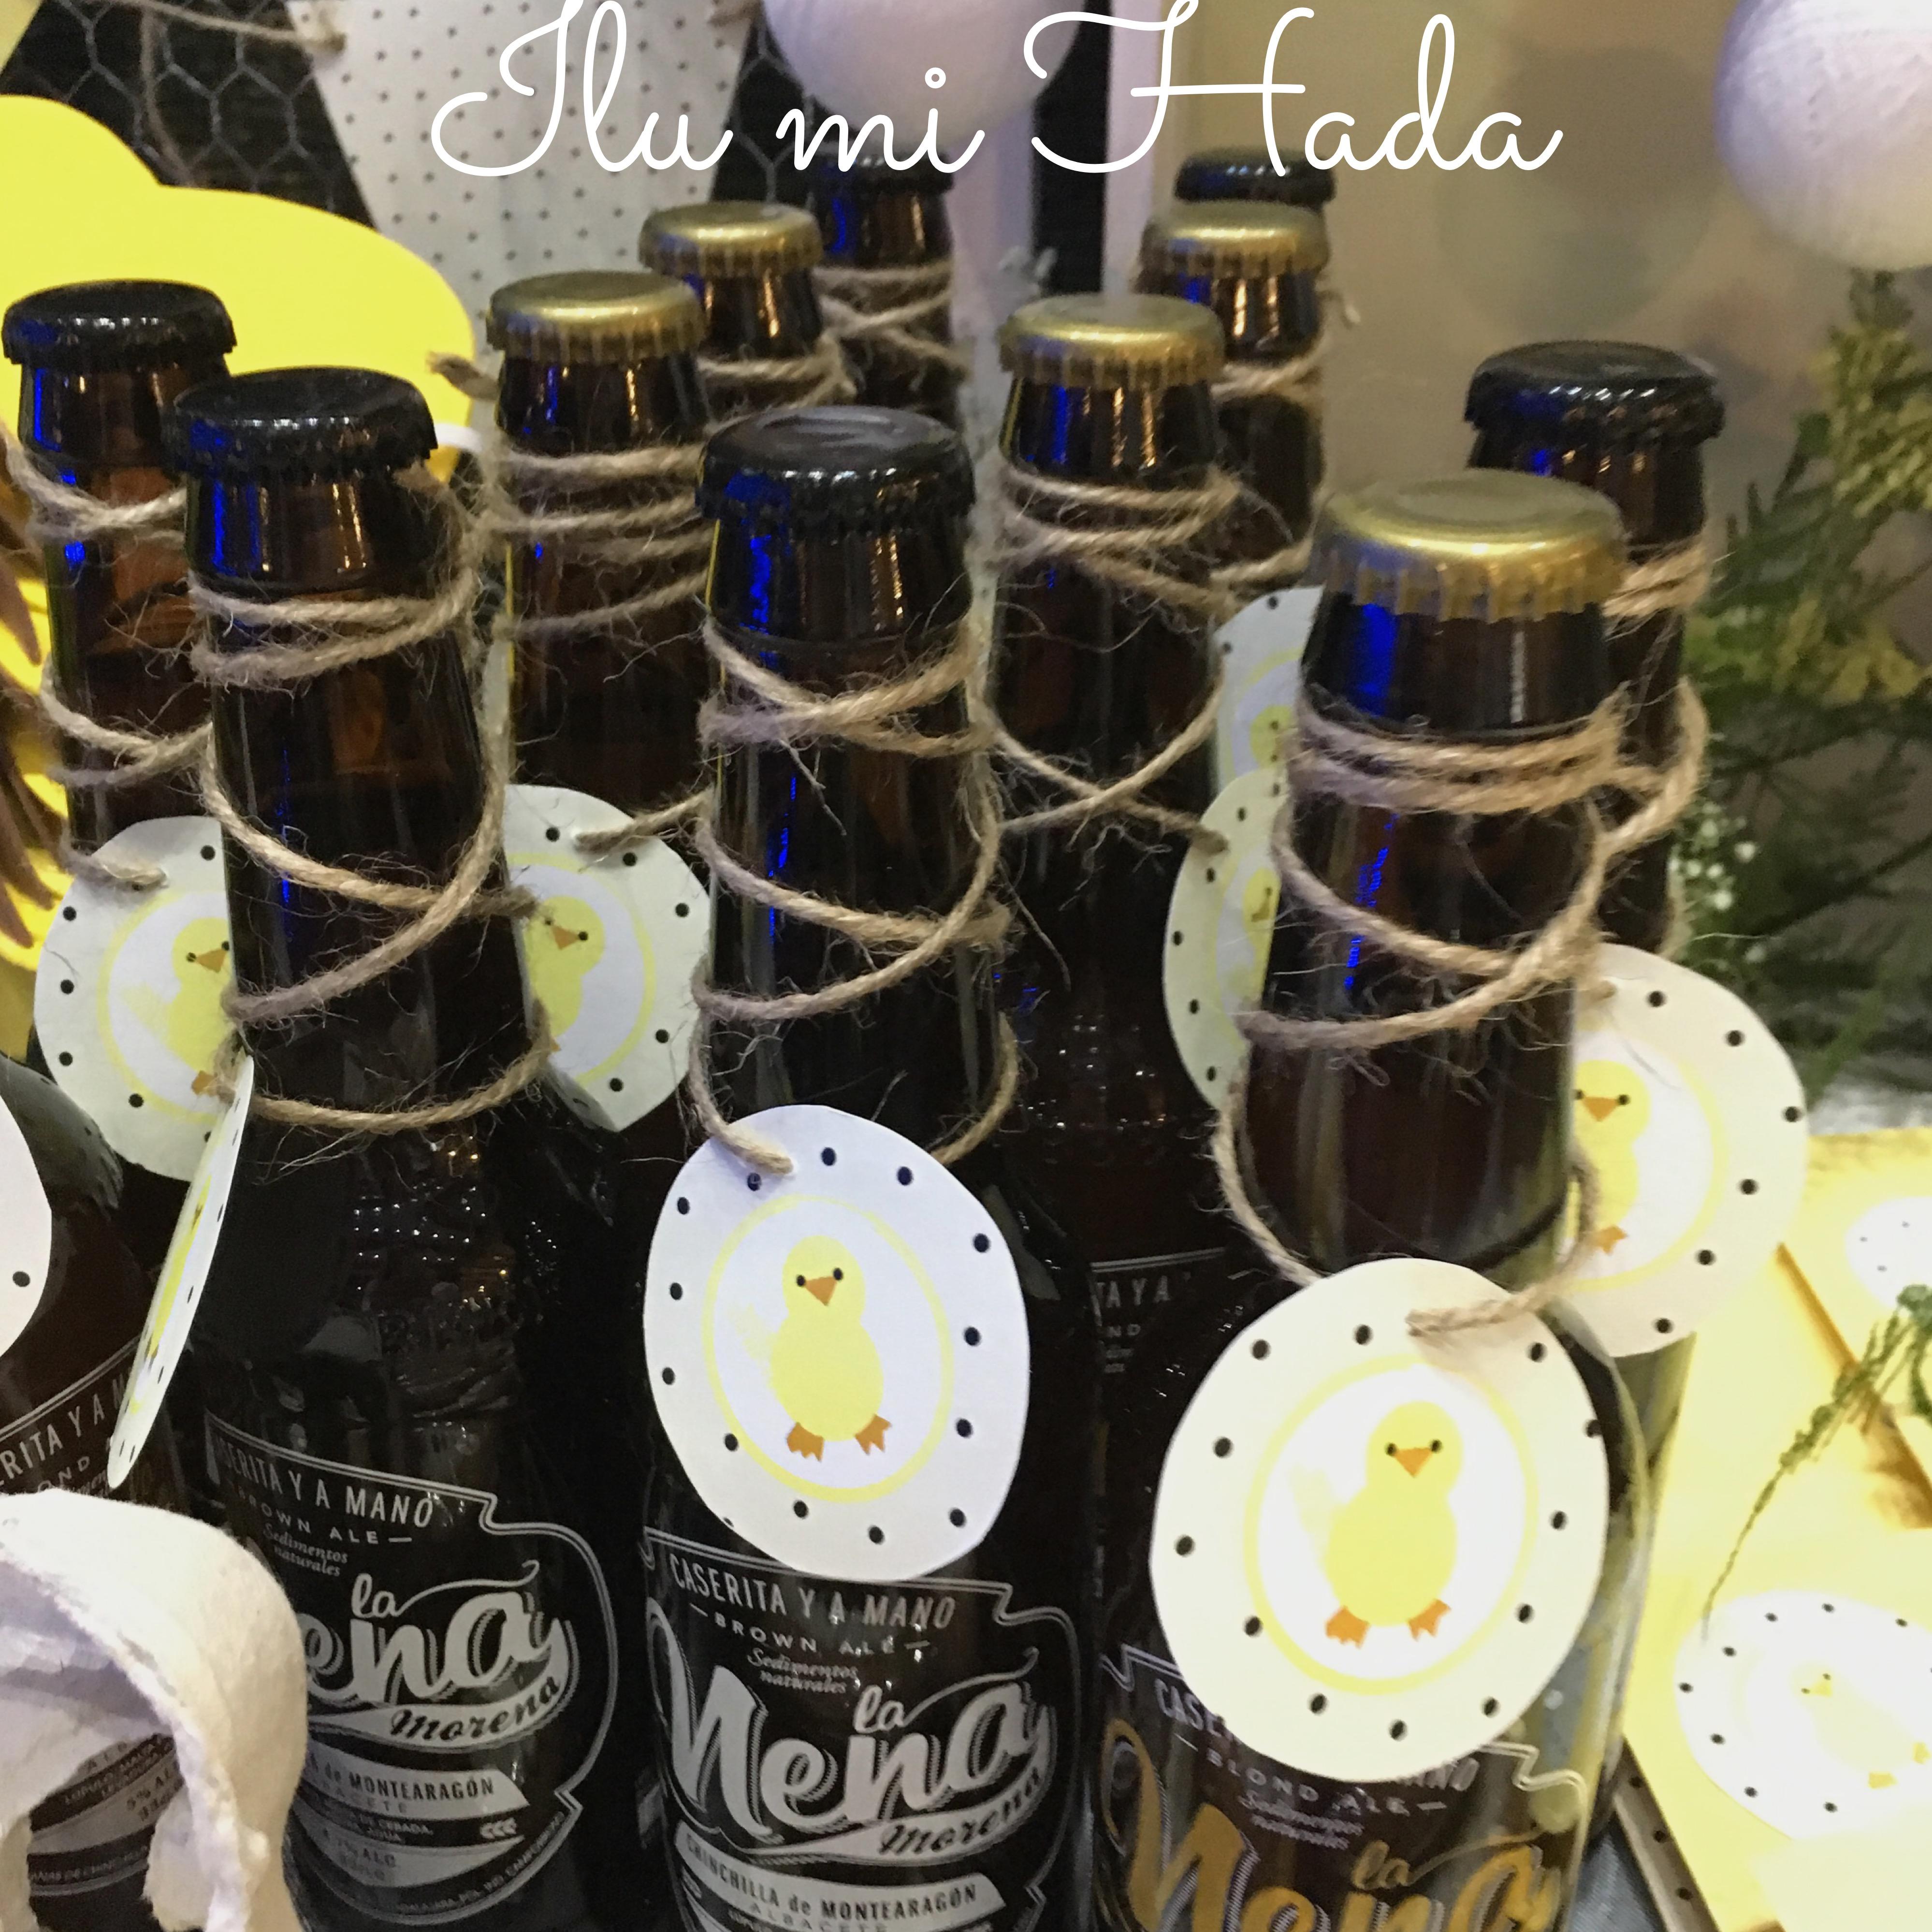 10. Cerveza artesana